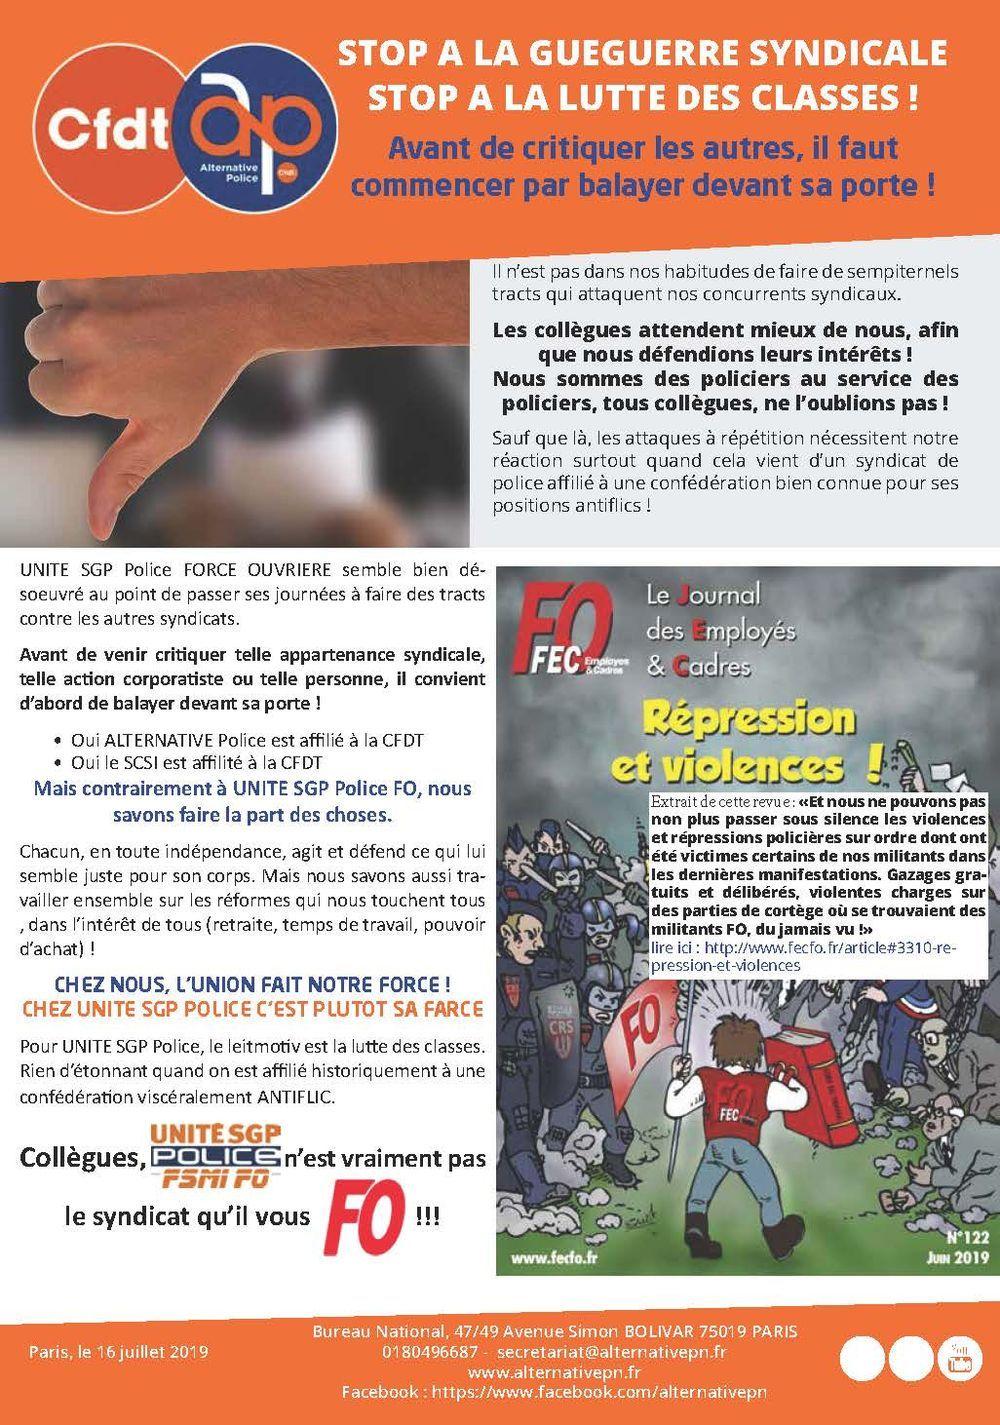 Unité SGP Police, le syndicat qu'il ne vous FO pas !